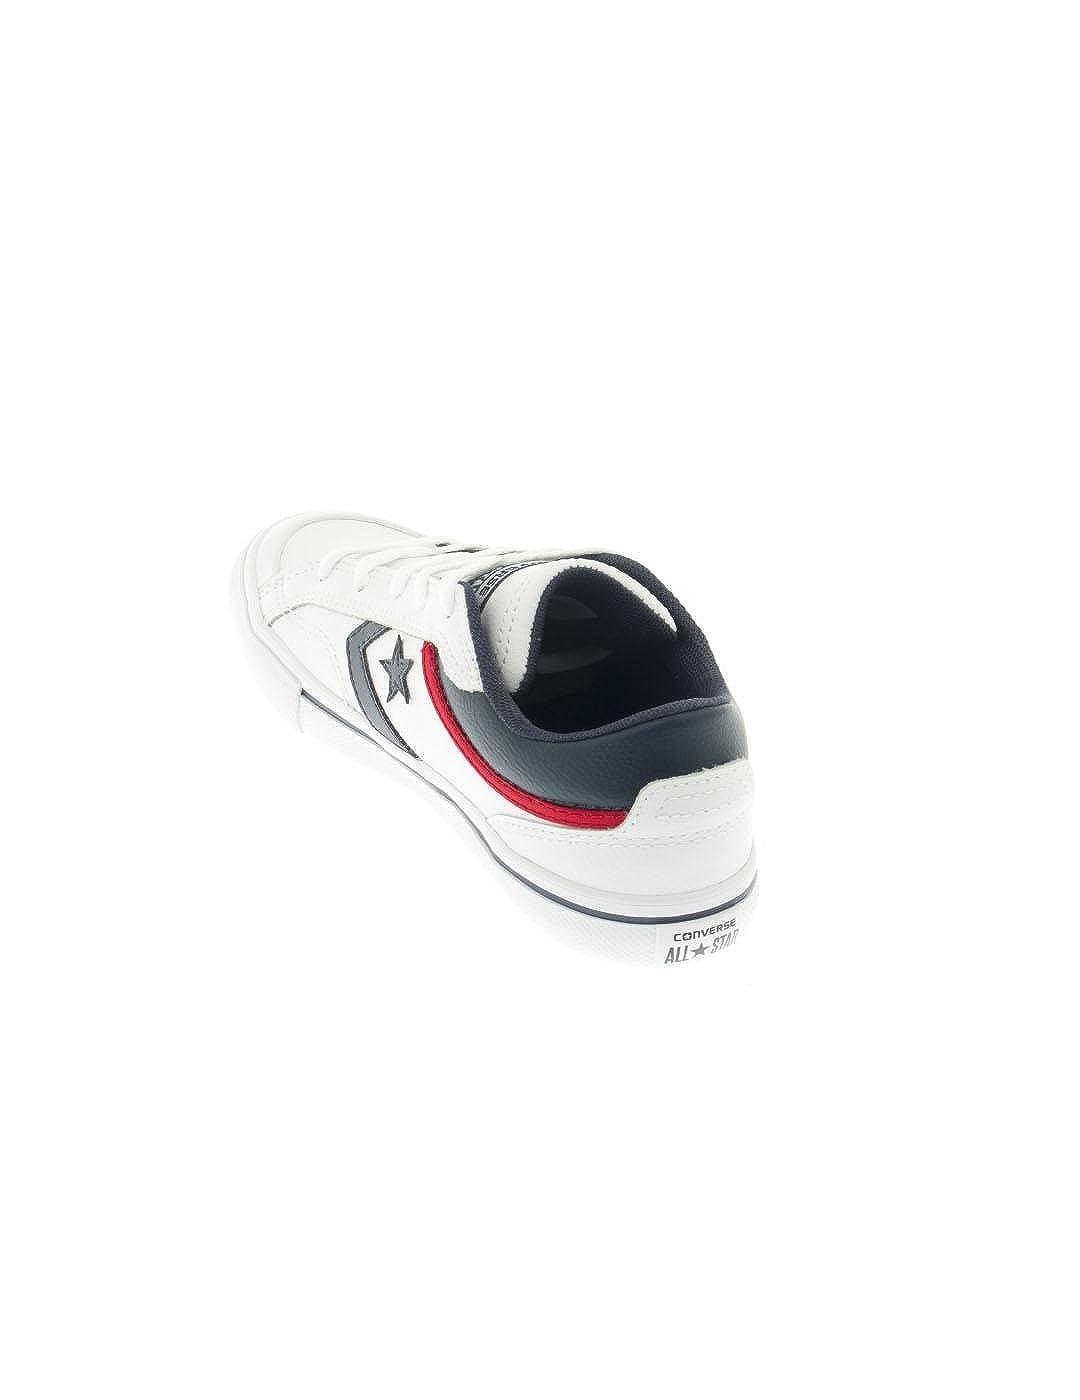 c0d0565fe698 Converse -656103C- Pro Blaze - Leather Ox - White Navy - Junior   Amazon.co.uk  Shoes   Bags